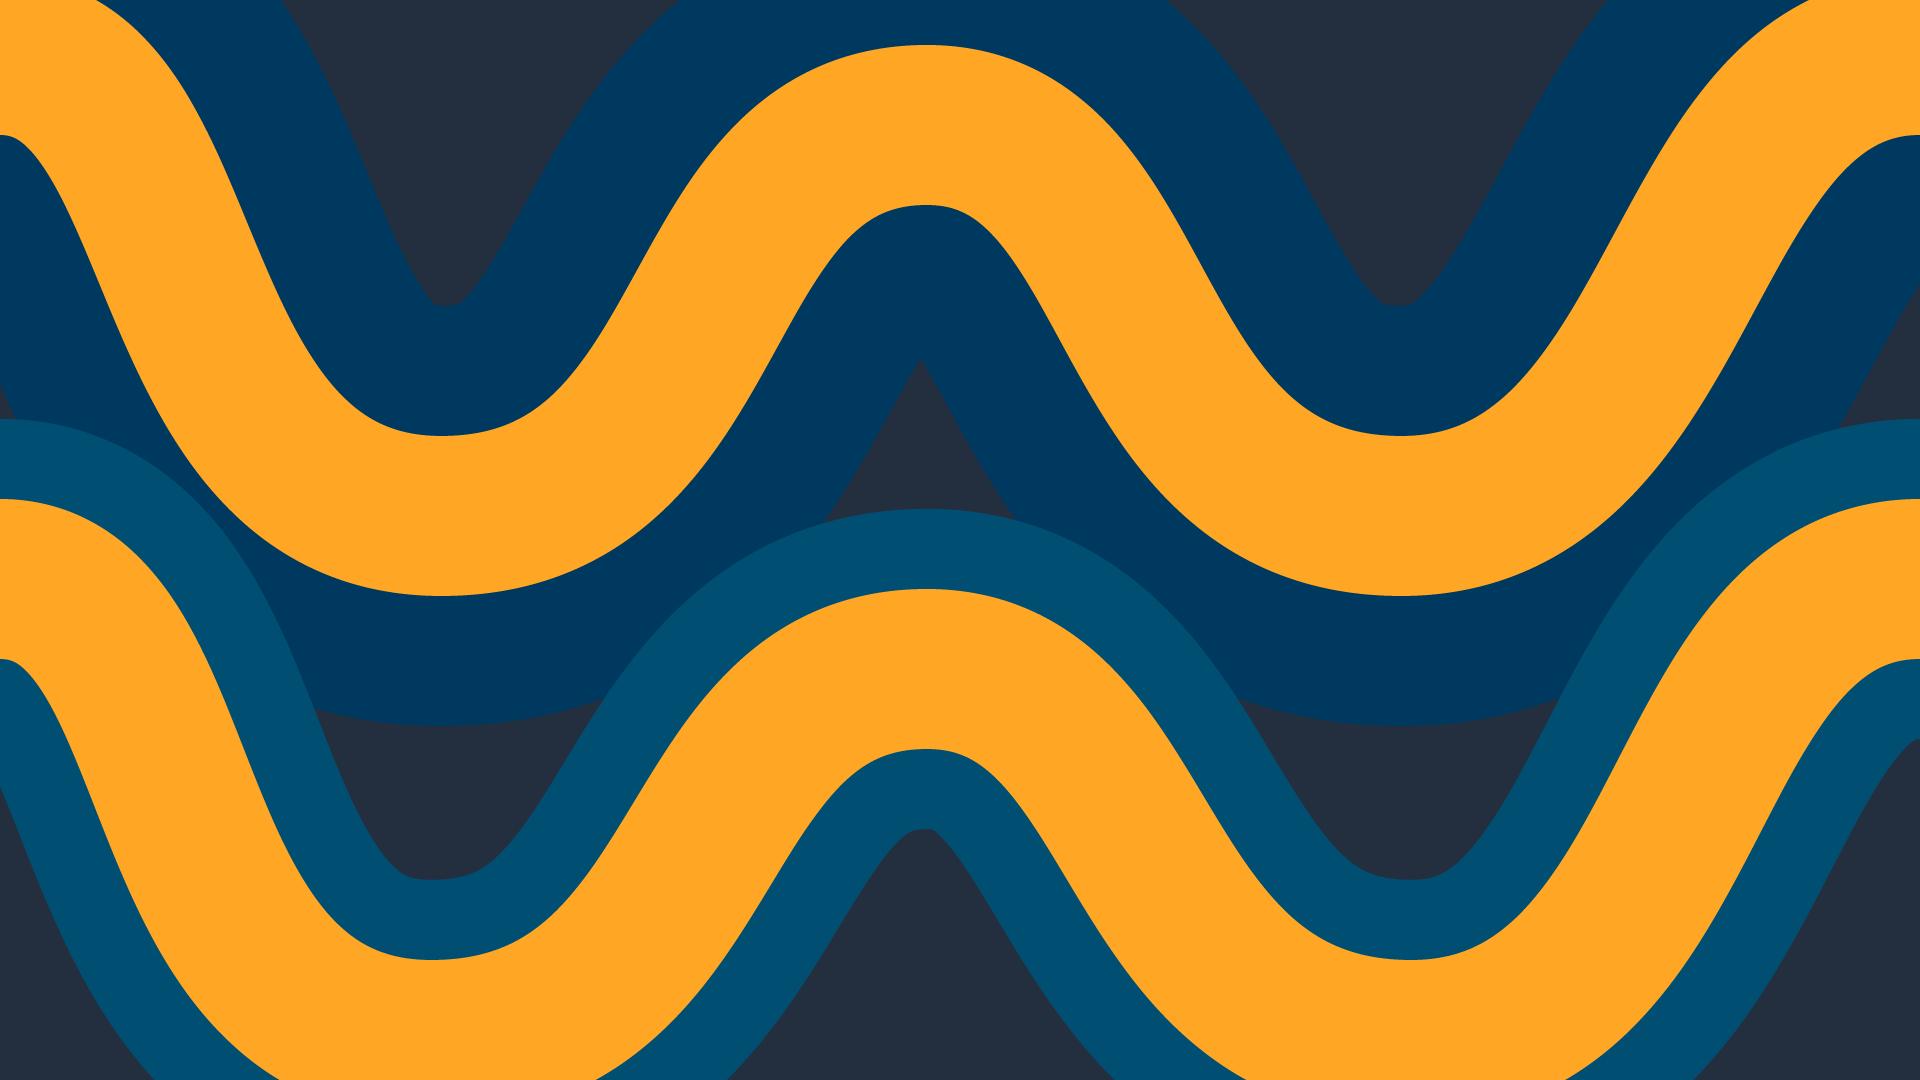 Waves_Design.png